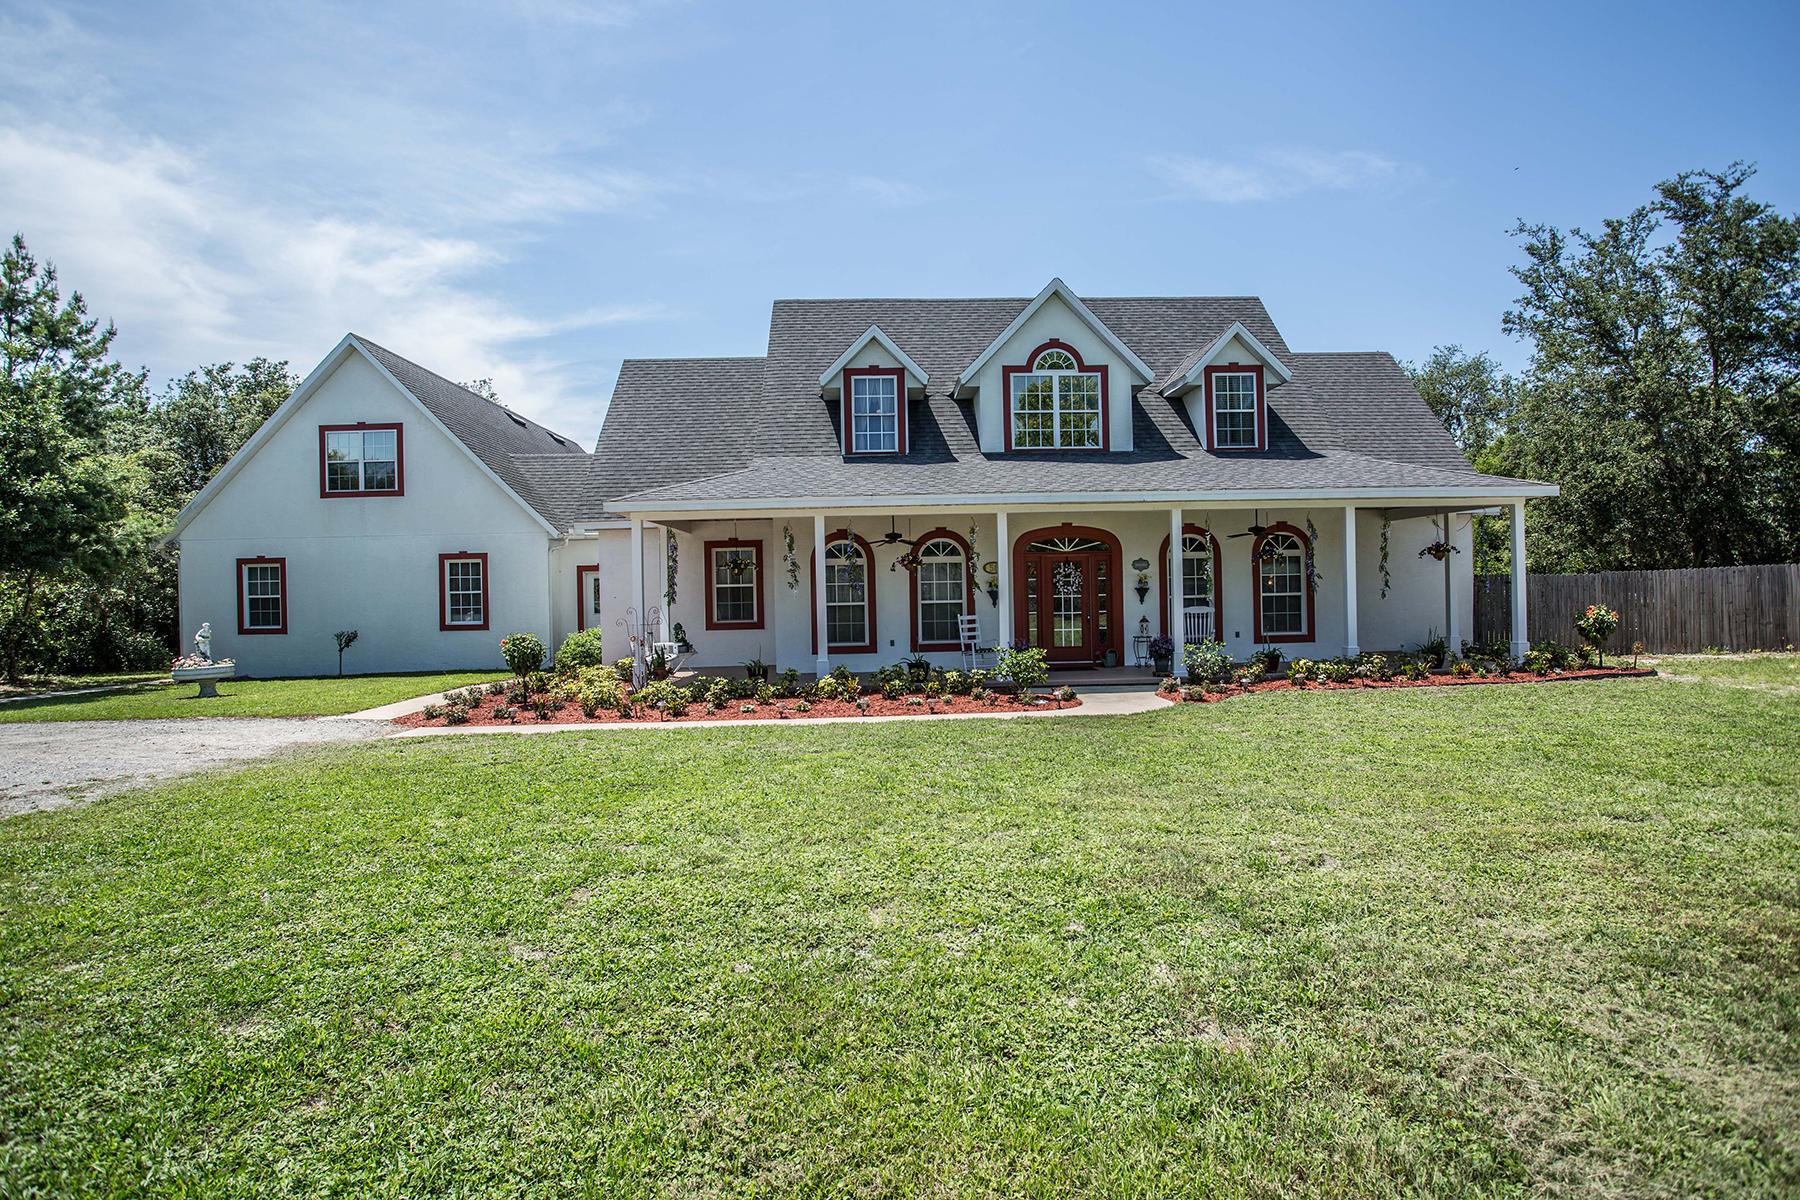 一戸建て のために 売買 アット DELTONA,FLORIDA 58 S Courtland Blvd E Deltona, フロリダ 32738 アメリカ合衆国